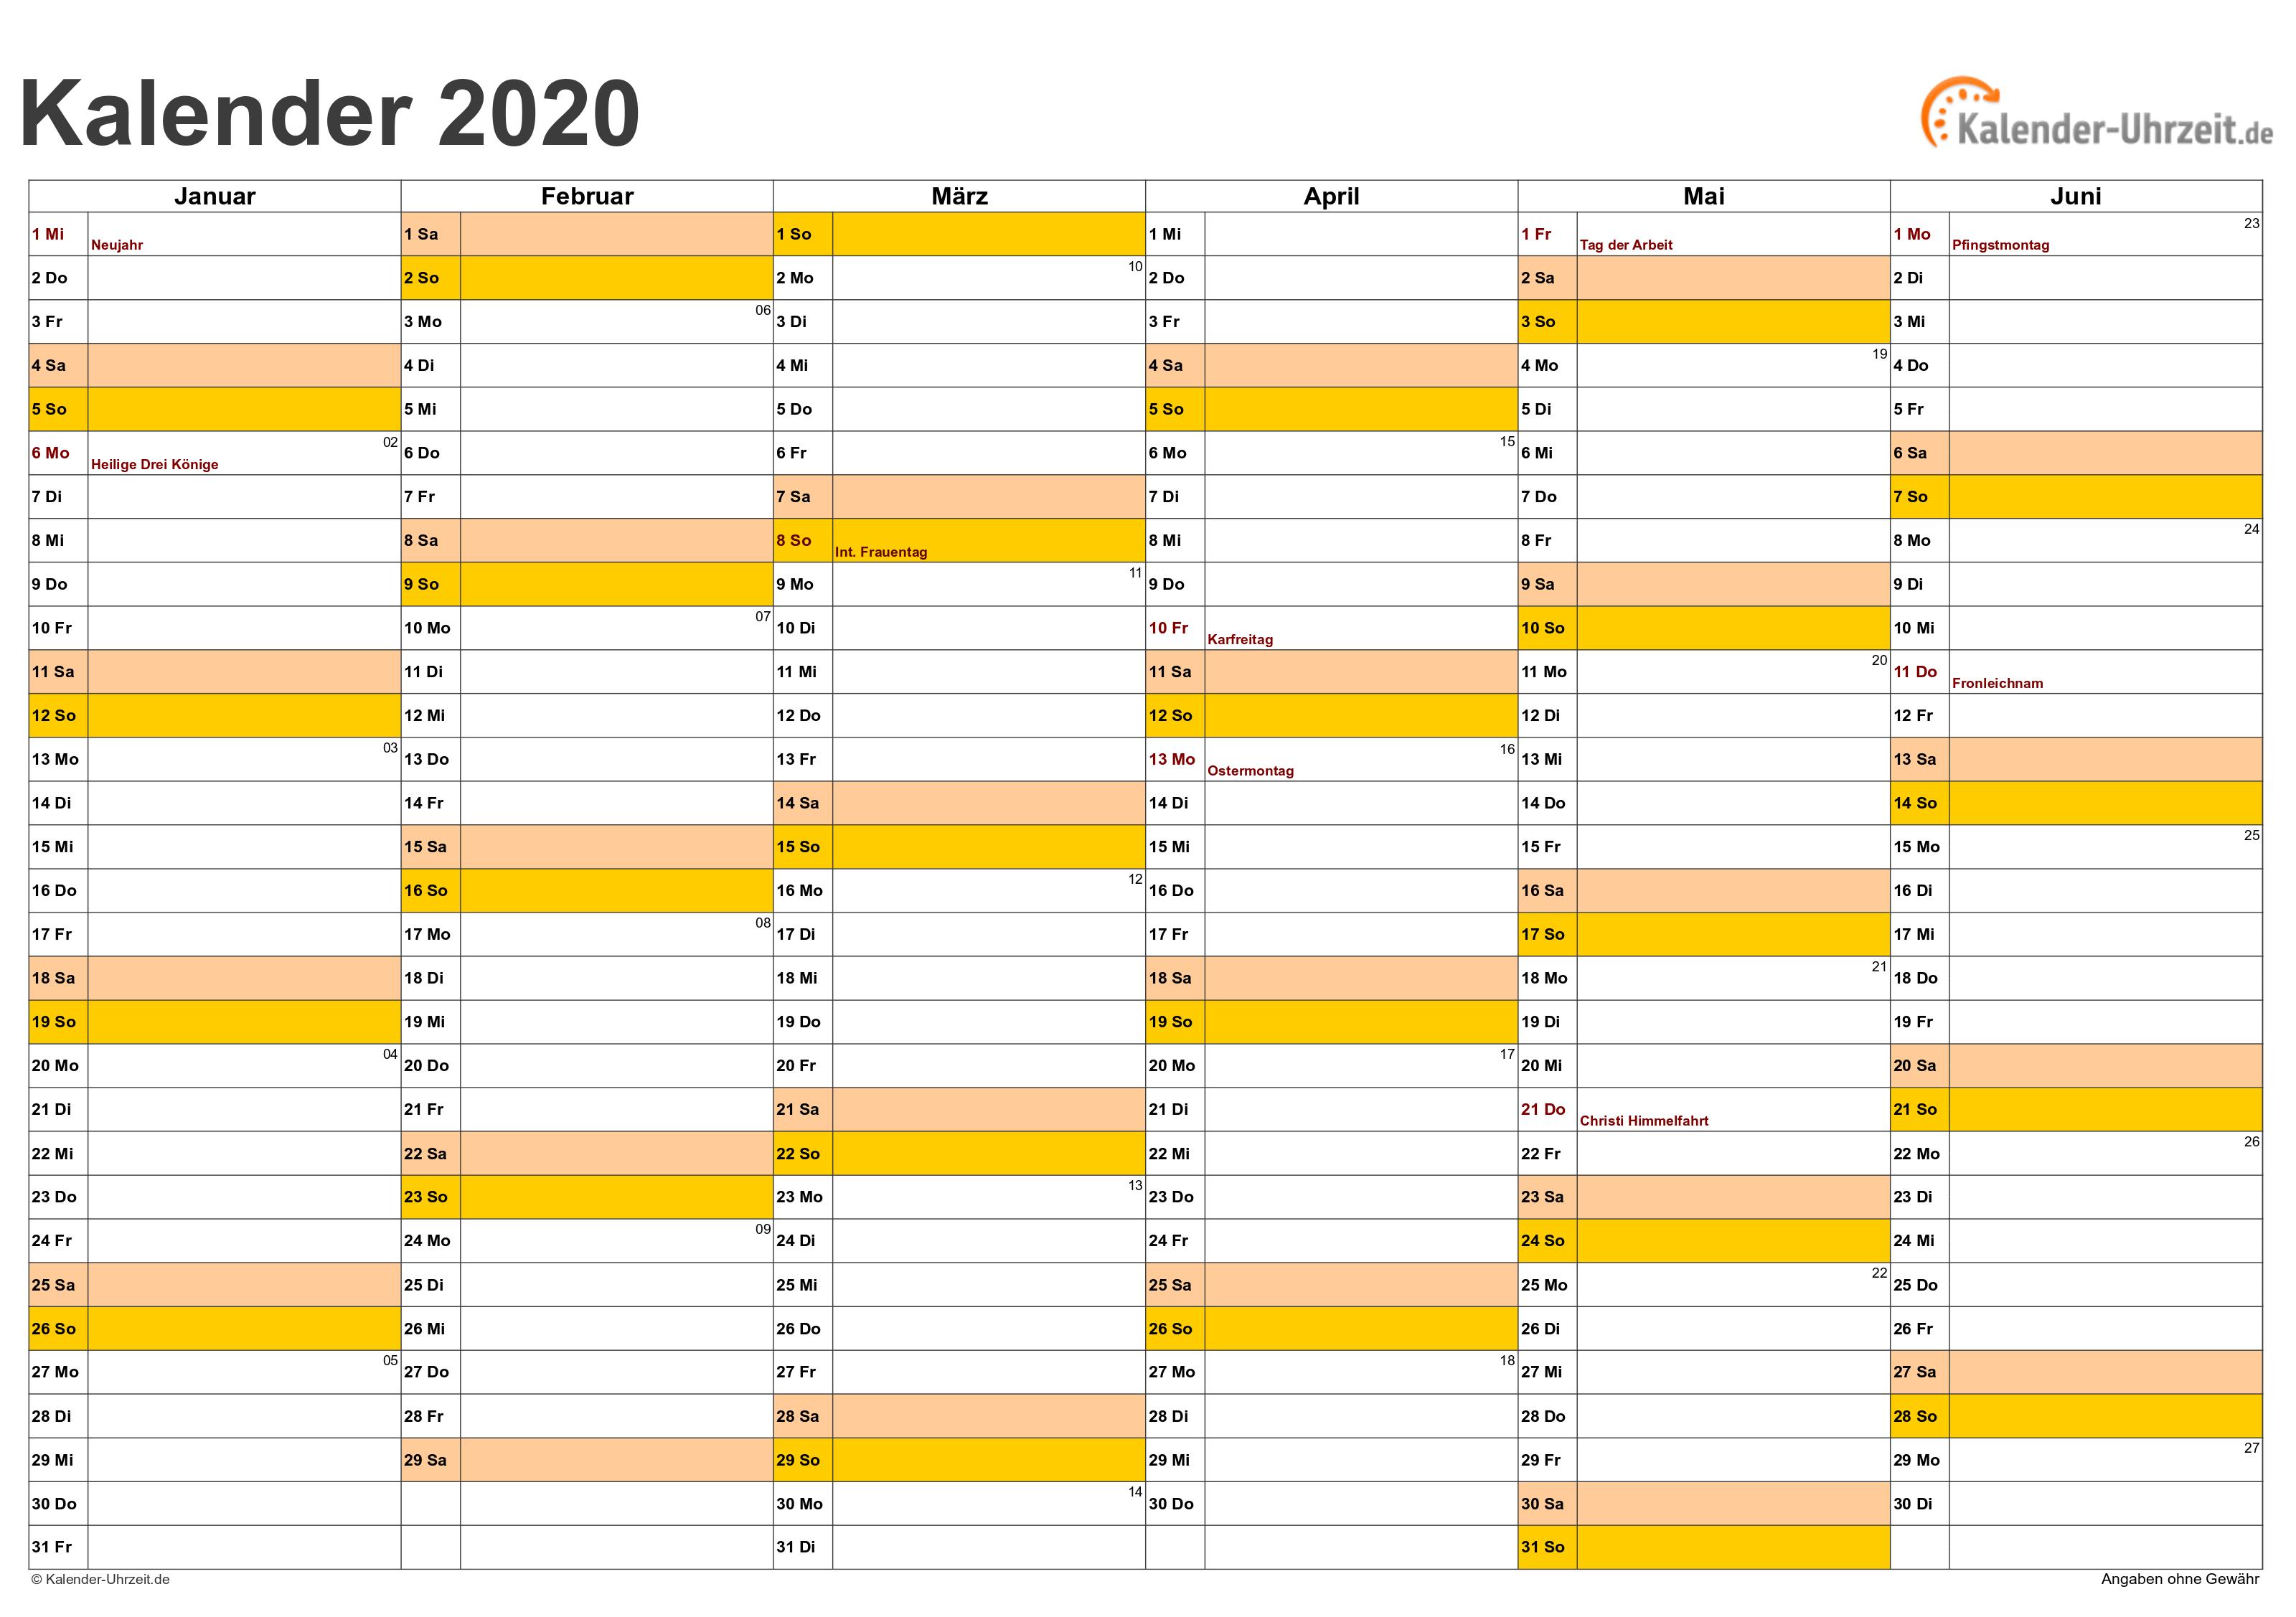 Halbjahreskalender 2020 - Excel-Vorlage 1 Vorschau